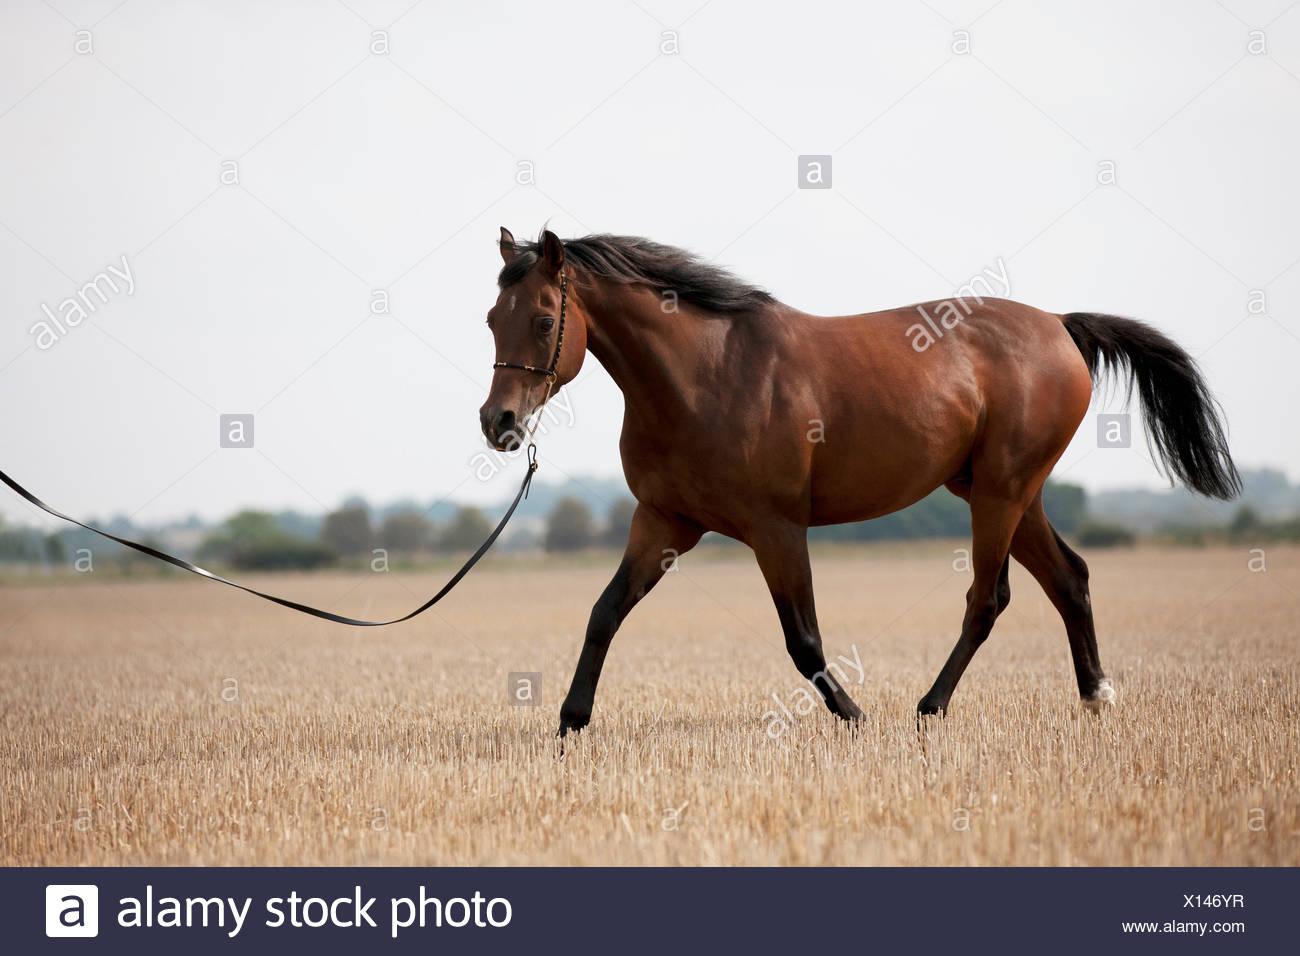 A dark bay Arabian horse walking in a stubble field - Stock Image